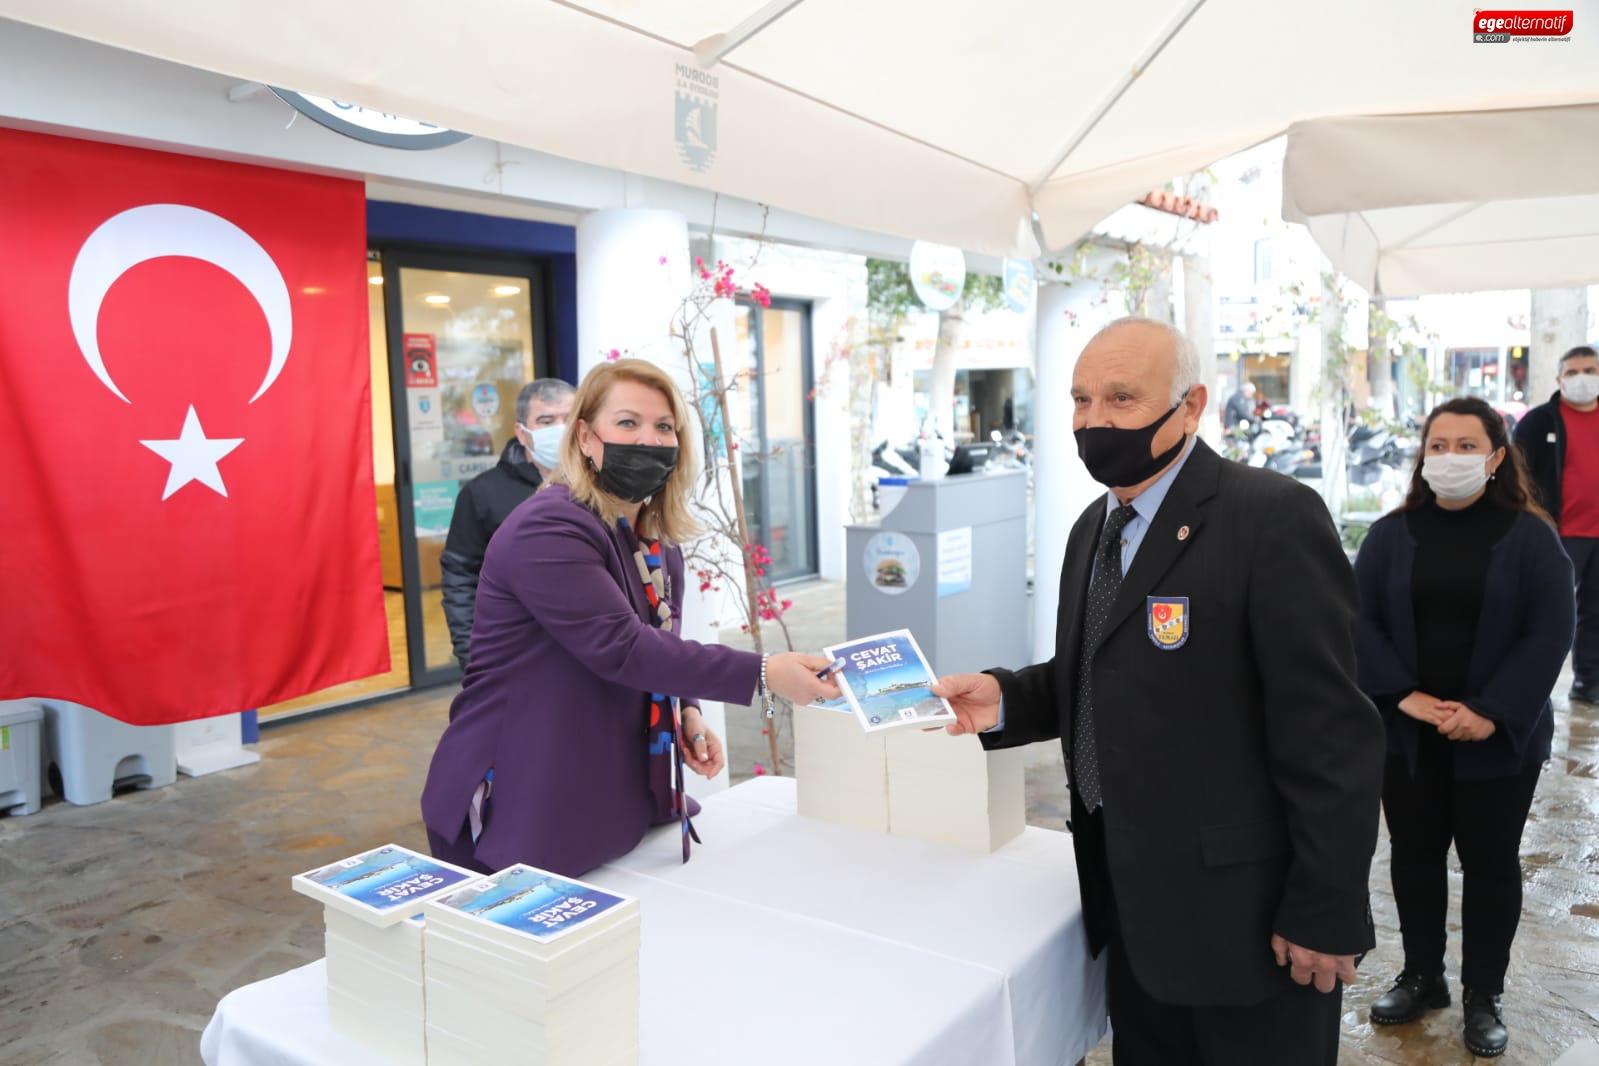 Yaşlılara saygı haftası'nda Kitap hediye edildi